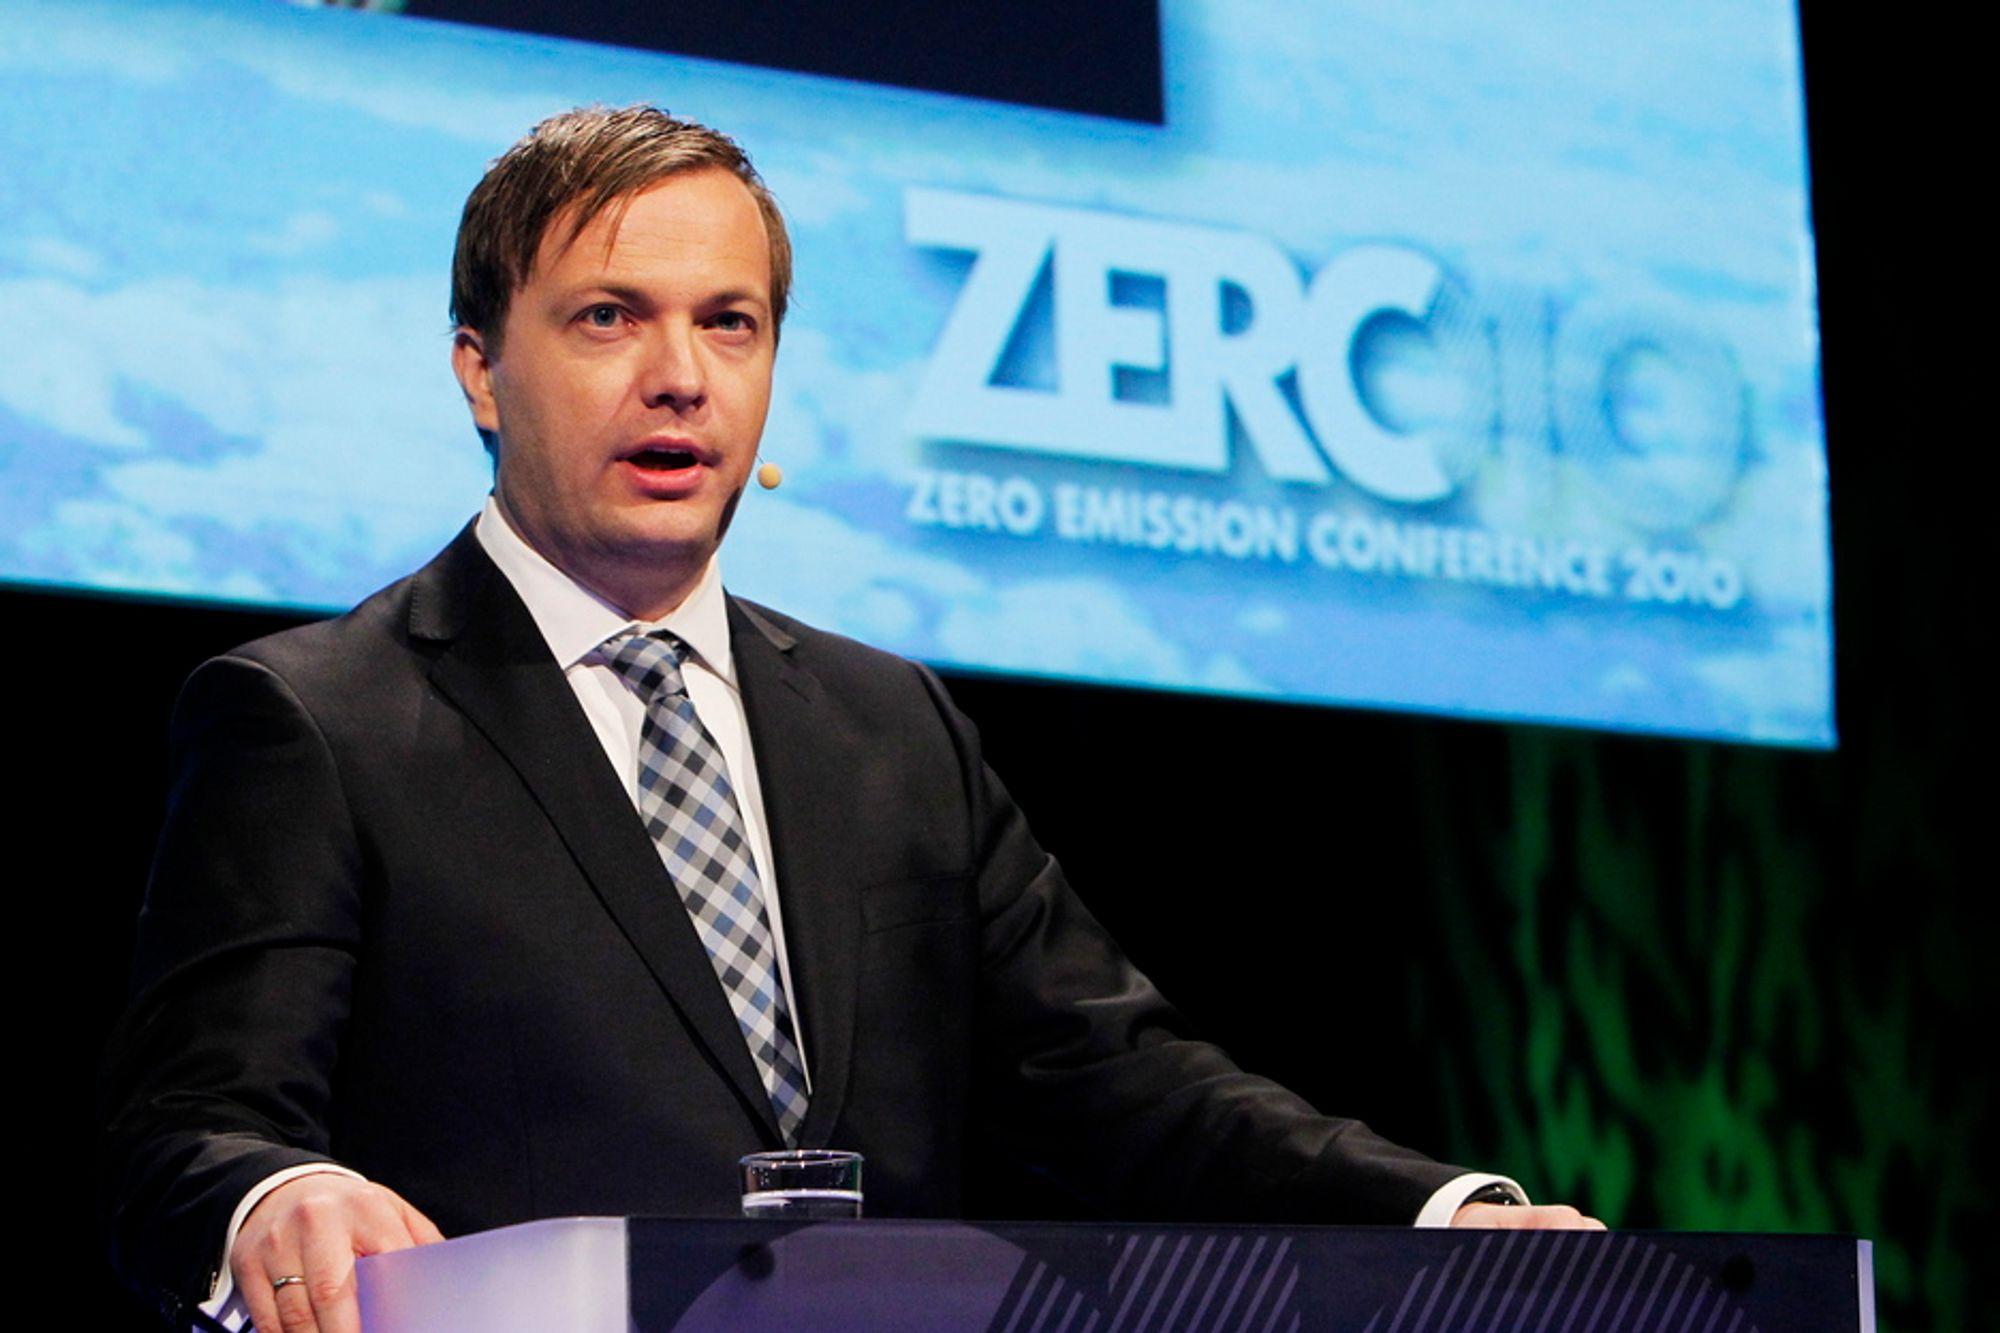 VIL KUTTE HJEMME: Zero-leder Einar Håndlykken mener klimakutt i utlandet er det samme som å subsidiere norsk industris konkurrenter. Bildet er fra fjorårets konferanse.